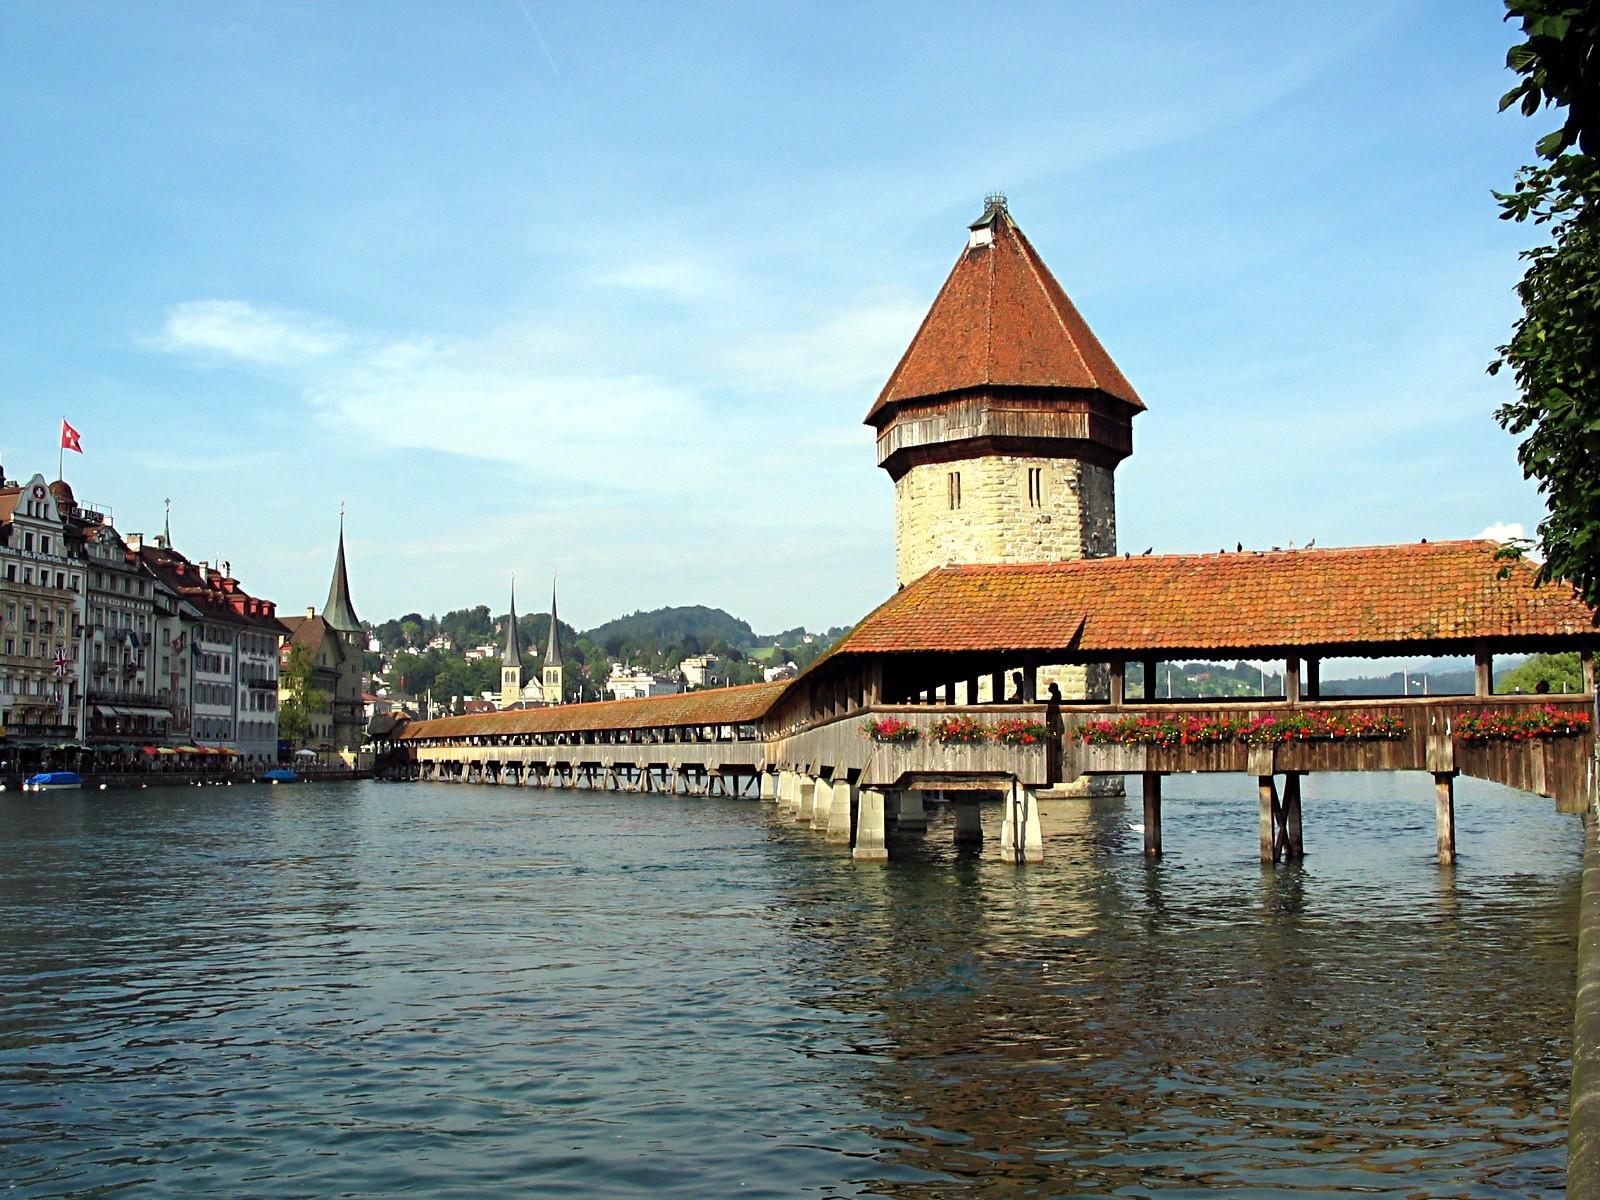 15478 скачать обои Пейзаж, Вода, Мосты, Архитектура, Италия, Венеция - заставки и картинки бесплатно